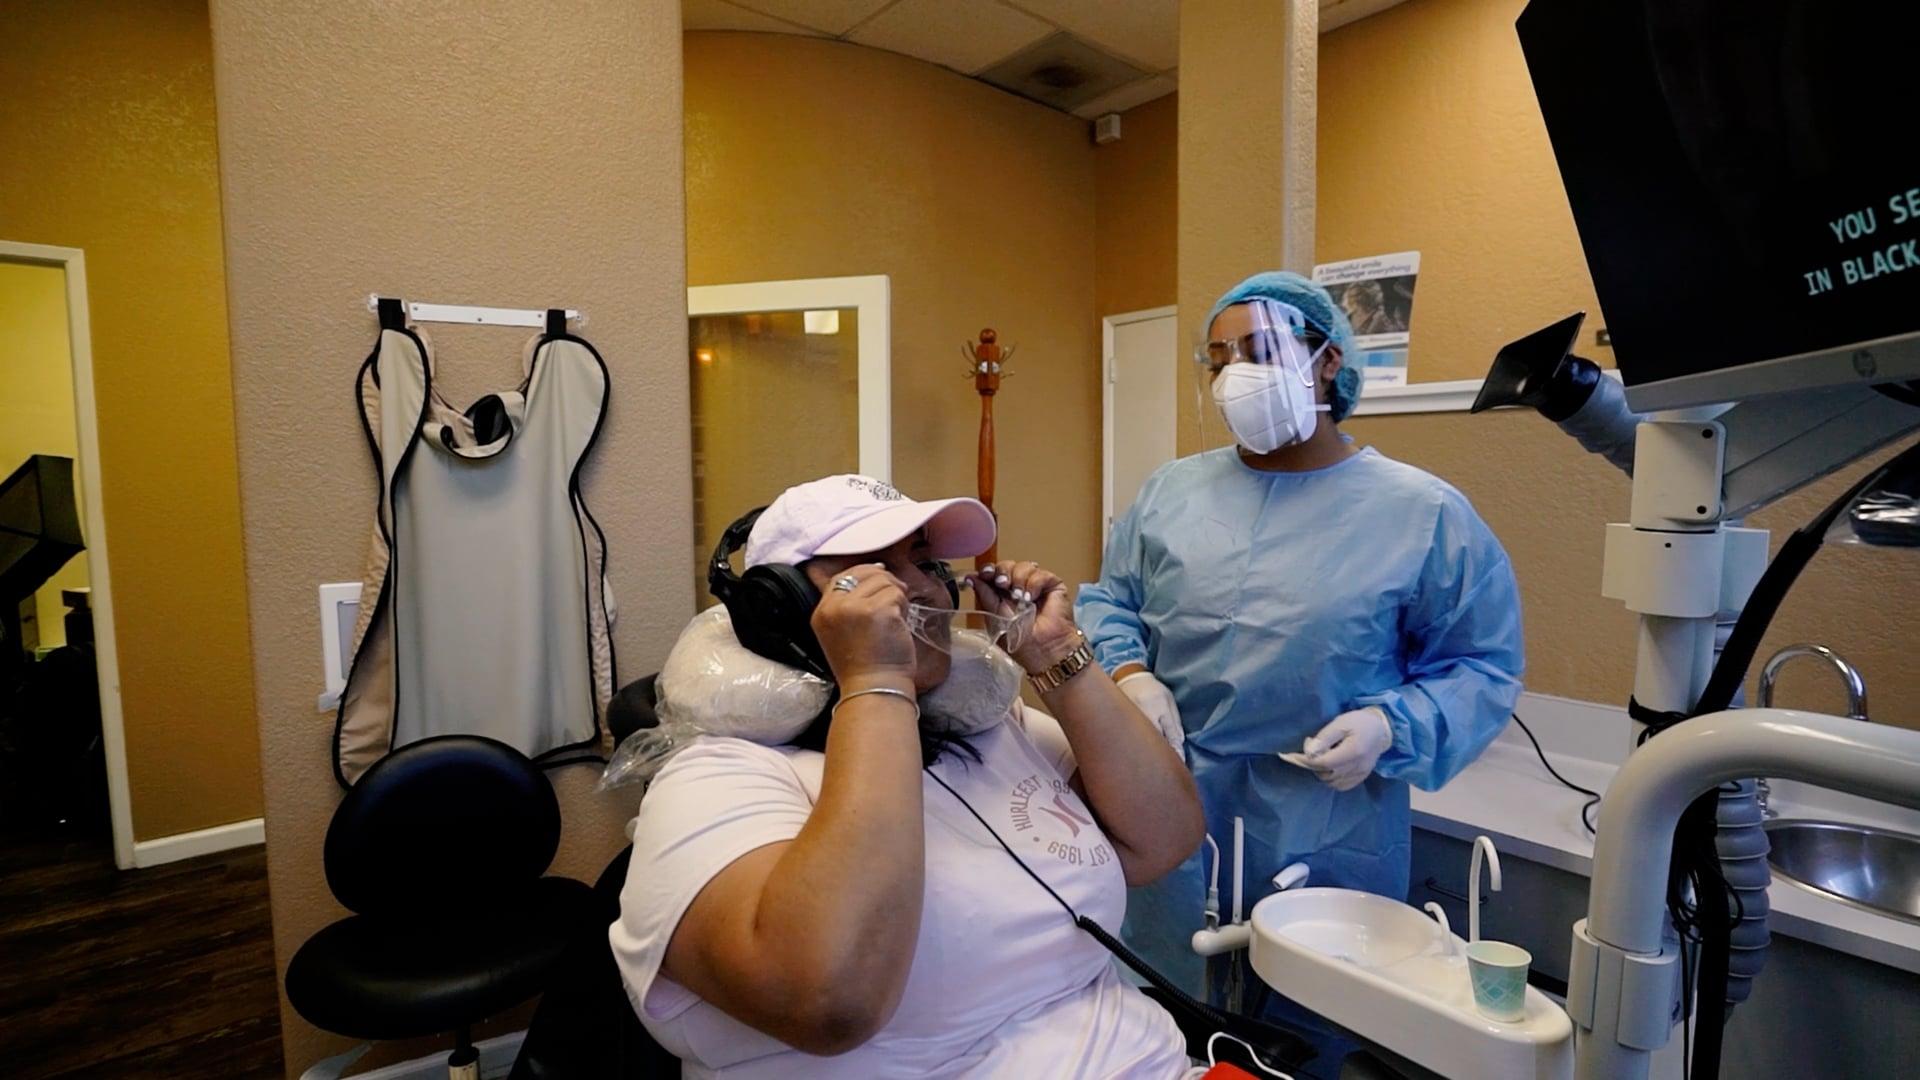 Spa Dentistry 2021   4K Promo Video